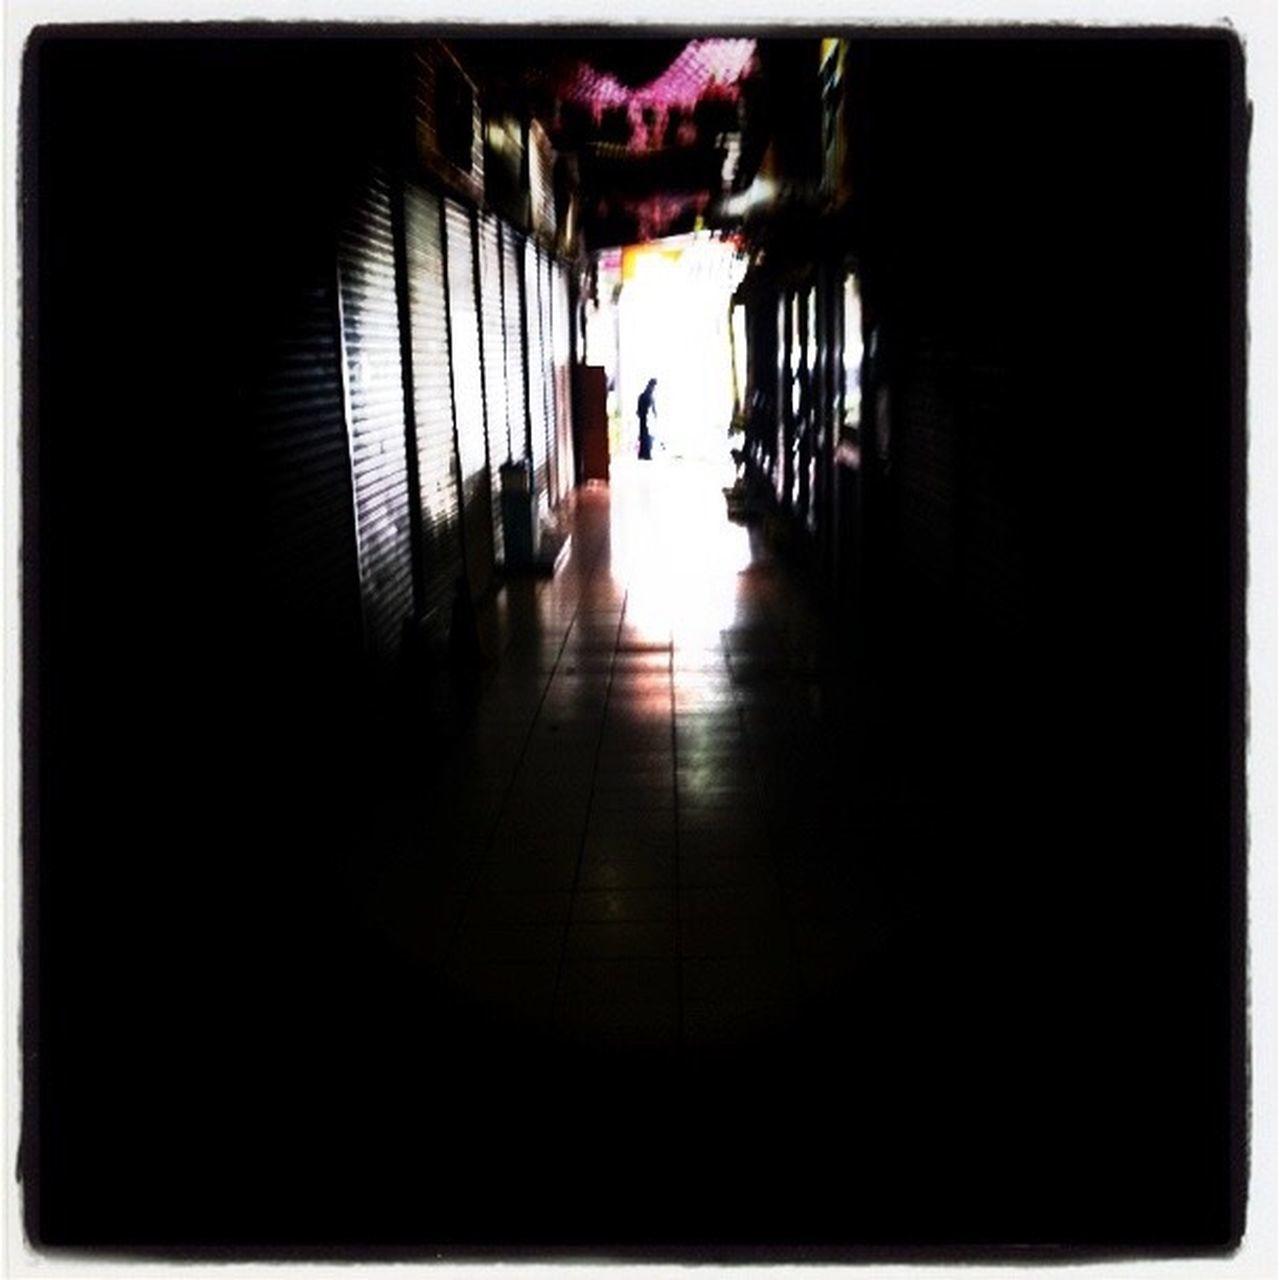 indoors, walking, corridor, the way forward, shadow, daylight, day, no people